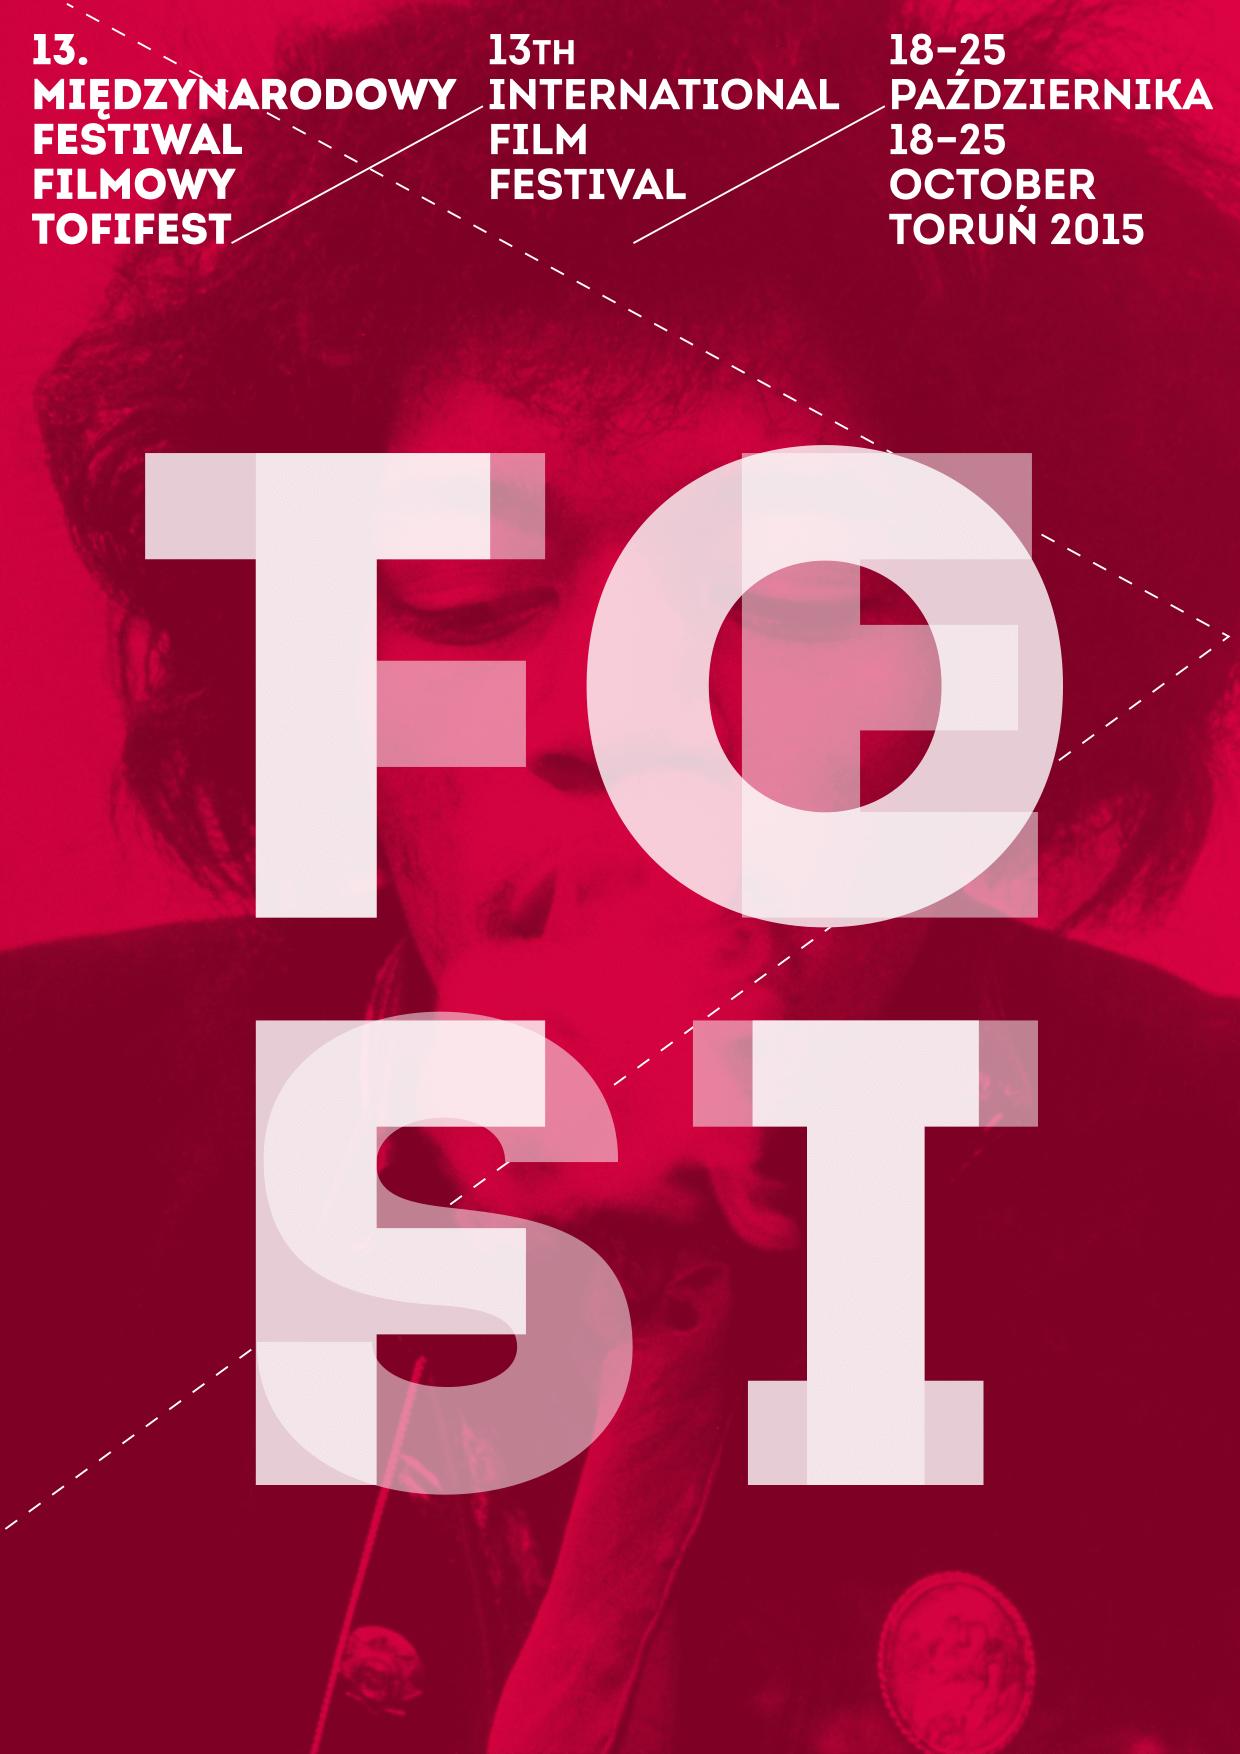 13. Międzynarodowy Festiwal Filmowy Tofifest – plakat (źródło: materiały prasowe organizatora)